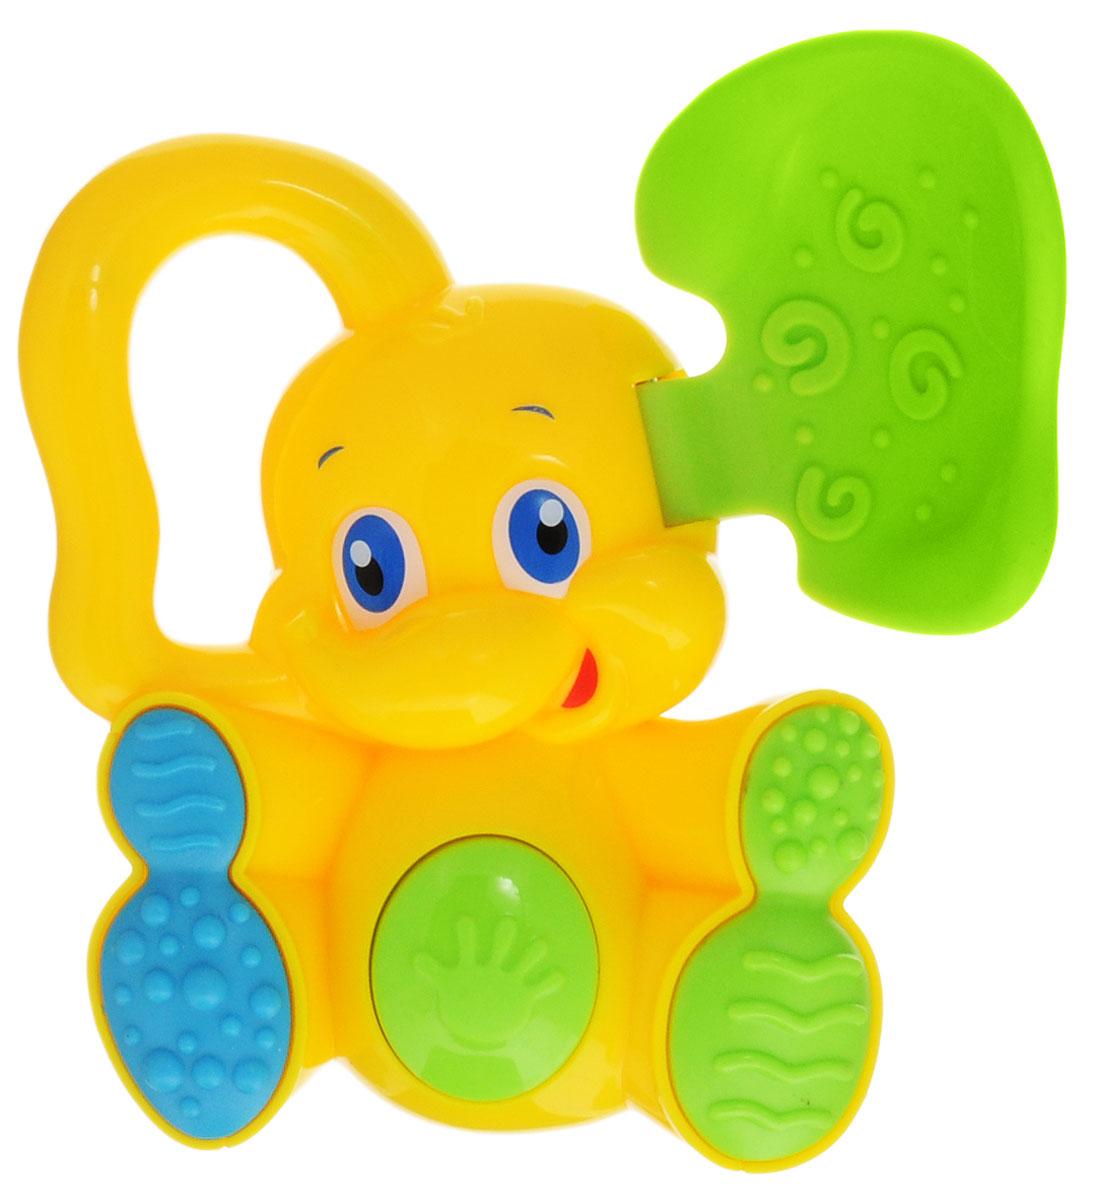 Bondibon Погремушка Слоненок с прорезывателем цвет желтый зеленыйВВ1490_желтый, зеленыйBondibon Погремушка с прорезывателем Слоненок сможет развлечь вашего ребенка дома, на прогулке, в поездке или гостях. Погремушка изготовлена из прочного пластика и выполнена в виде забавного улыбающегося слоненка. Одно ухо у слоненка гибкое и рельефное - его ребенок может использовать как прорезыватель для зубок. Соприкасающаяся с деснами ребенка поверхность прорезывателя достаточно мягкая, чтобы нечаянно не поранить десны при надавливании, и в меру жесткая для того, чтобы ее пожевать или погрызть во время роста молочных зубов. Второе ухо выполнено в форме кольца, за которое игрушку будет удобно держать в ручке и играть. Лапы слоненка имеют рельефные узоры, что позволят крохе развивать тактильное восприятие. В животике погремушки спрятана пищалка. Погремушка специально разработана с учетом особенностей строения ручек малыша и не будет скользить. Яркие цвета и звуки, которые издает игрушка, развивают слуховое и зрительное восприятие, пространственное мышление и...